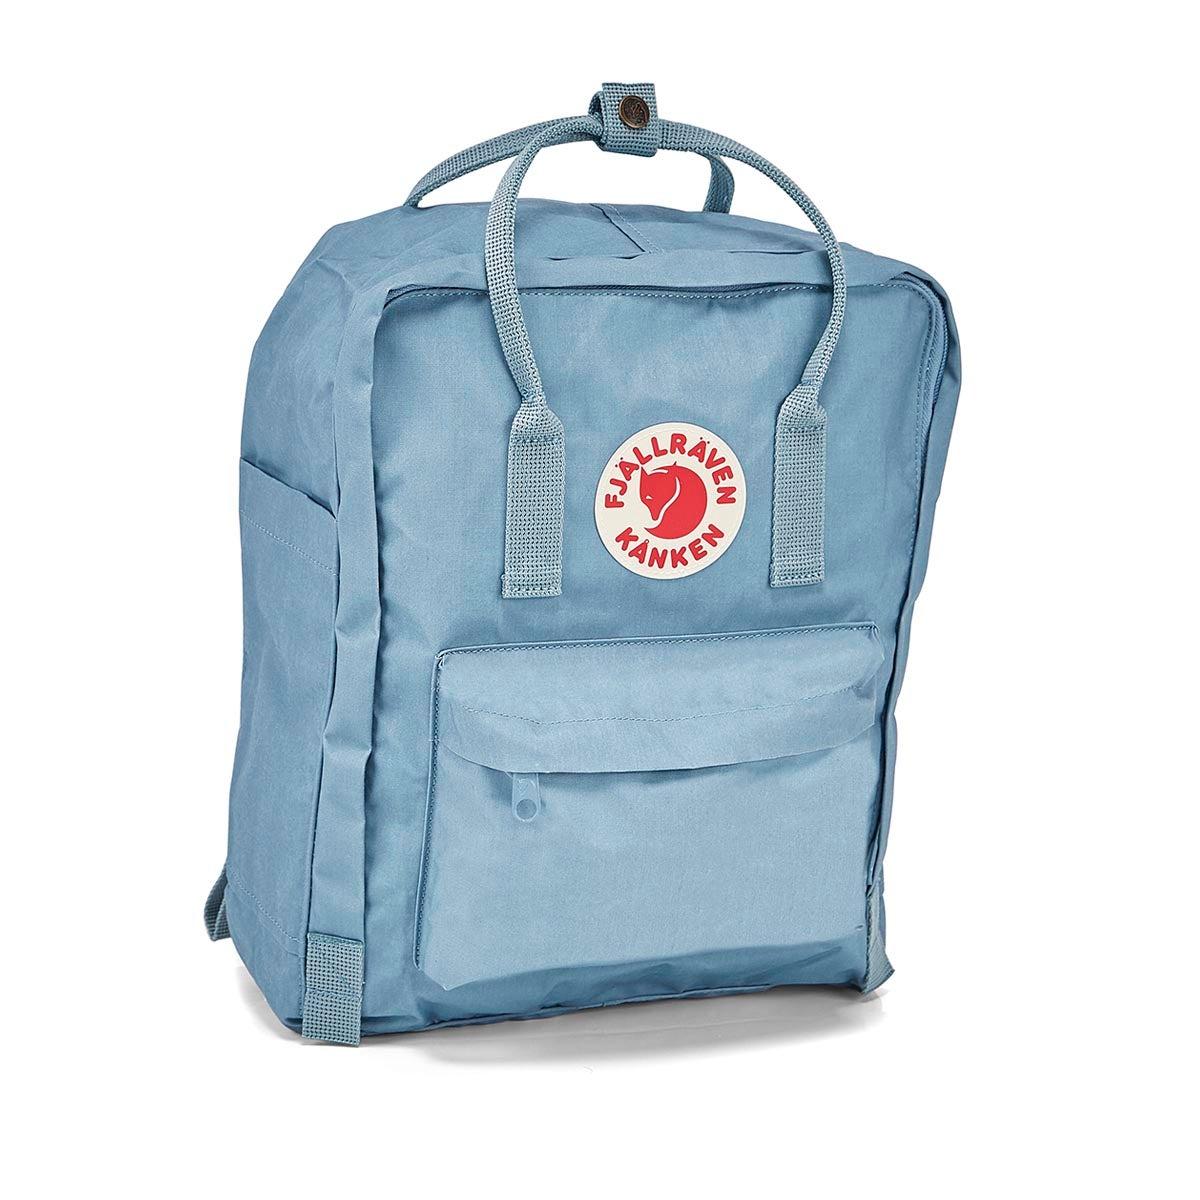 Fjallraven Kanken Backpack - Sky Blue